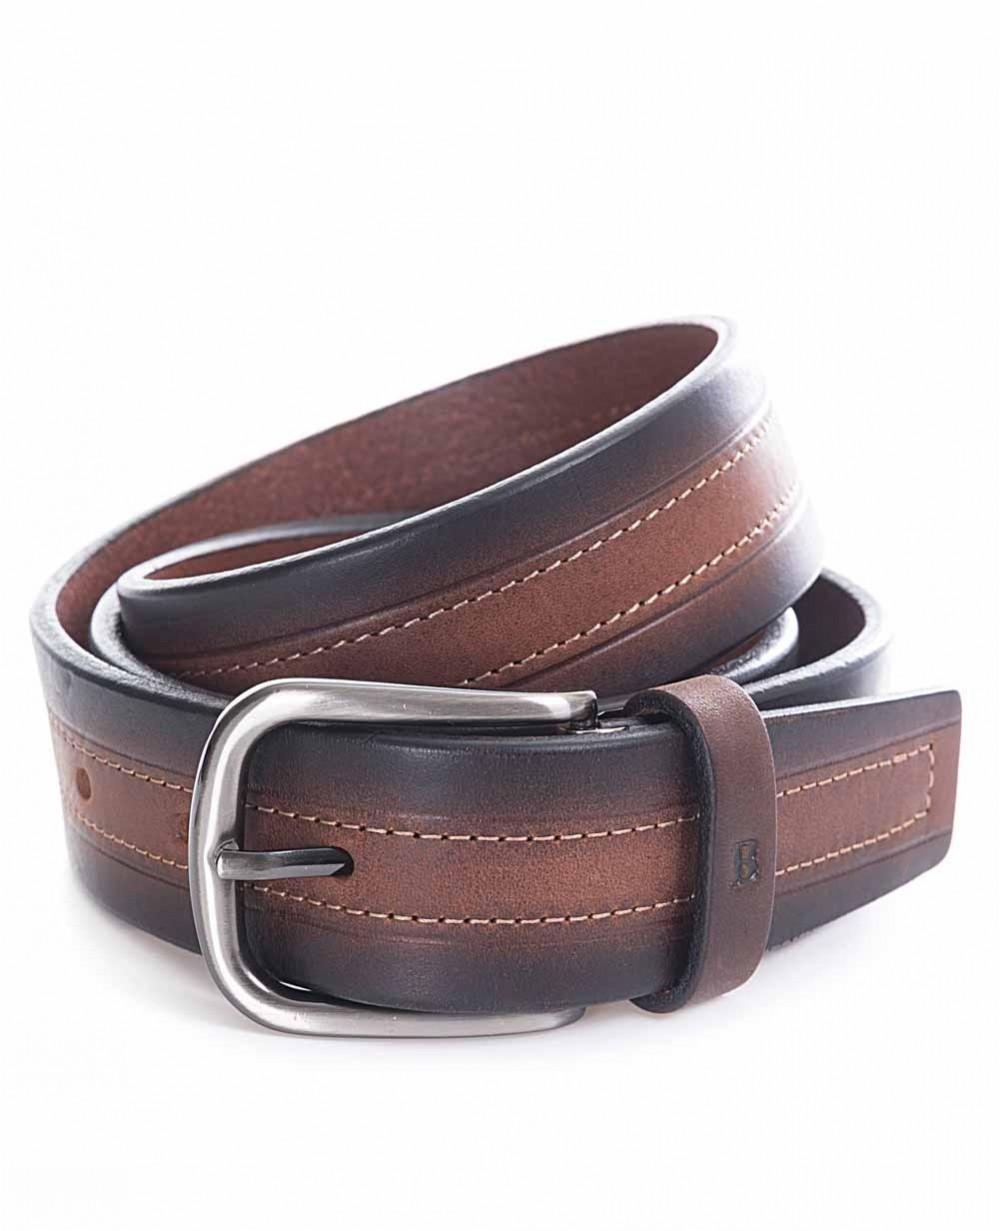 Miguel Bellido Cinturón clásico Piel Marrón 105 (Foto )